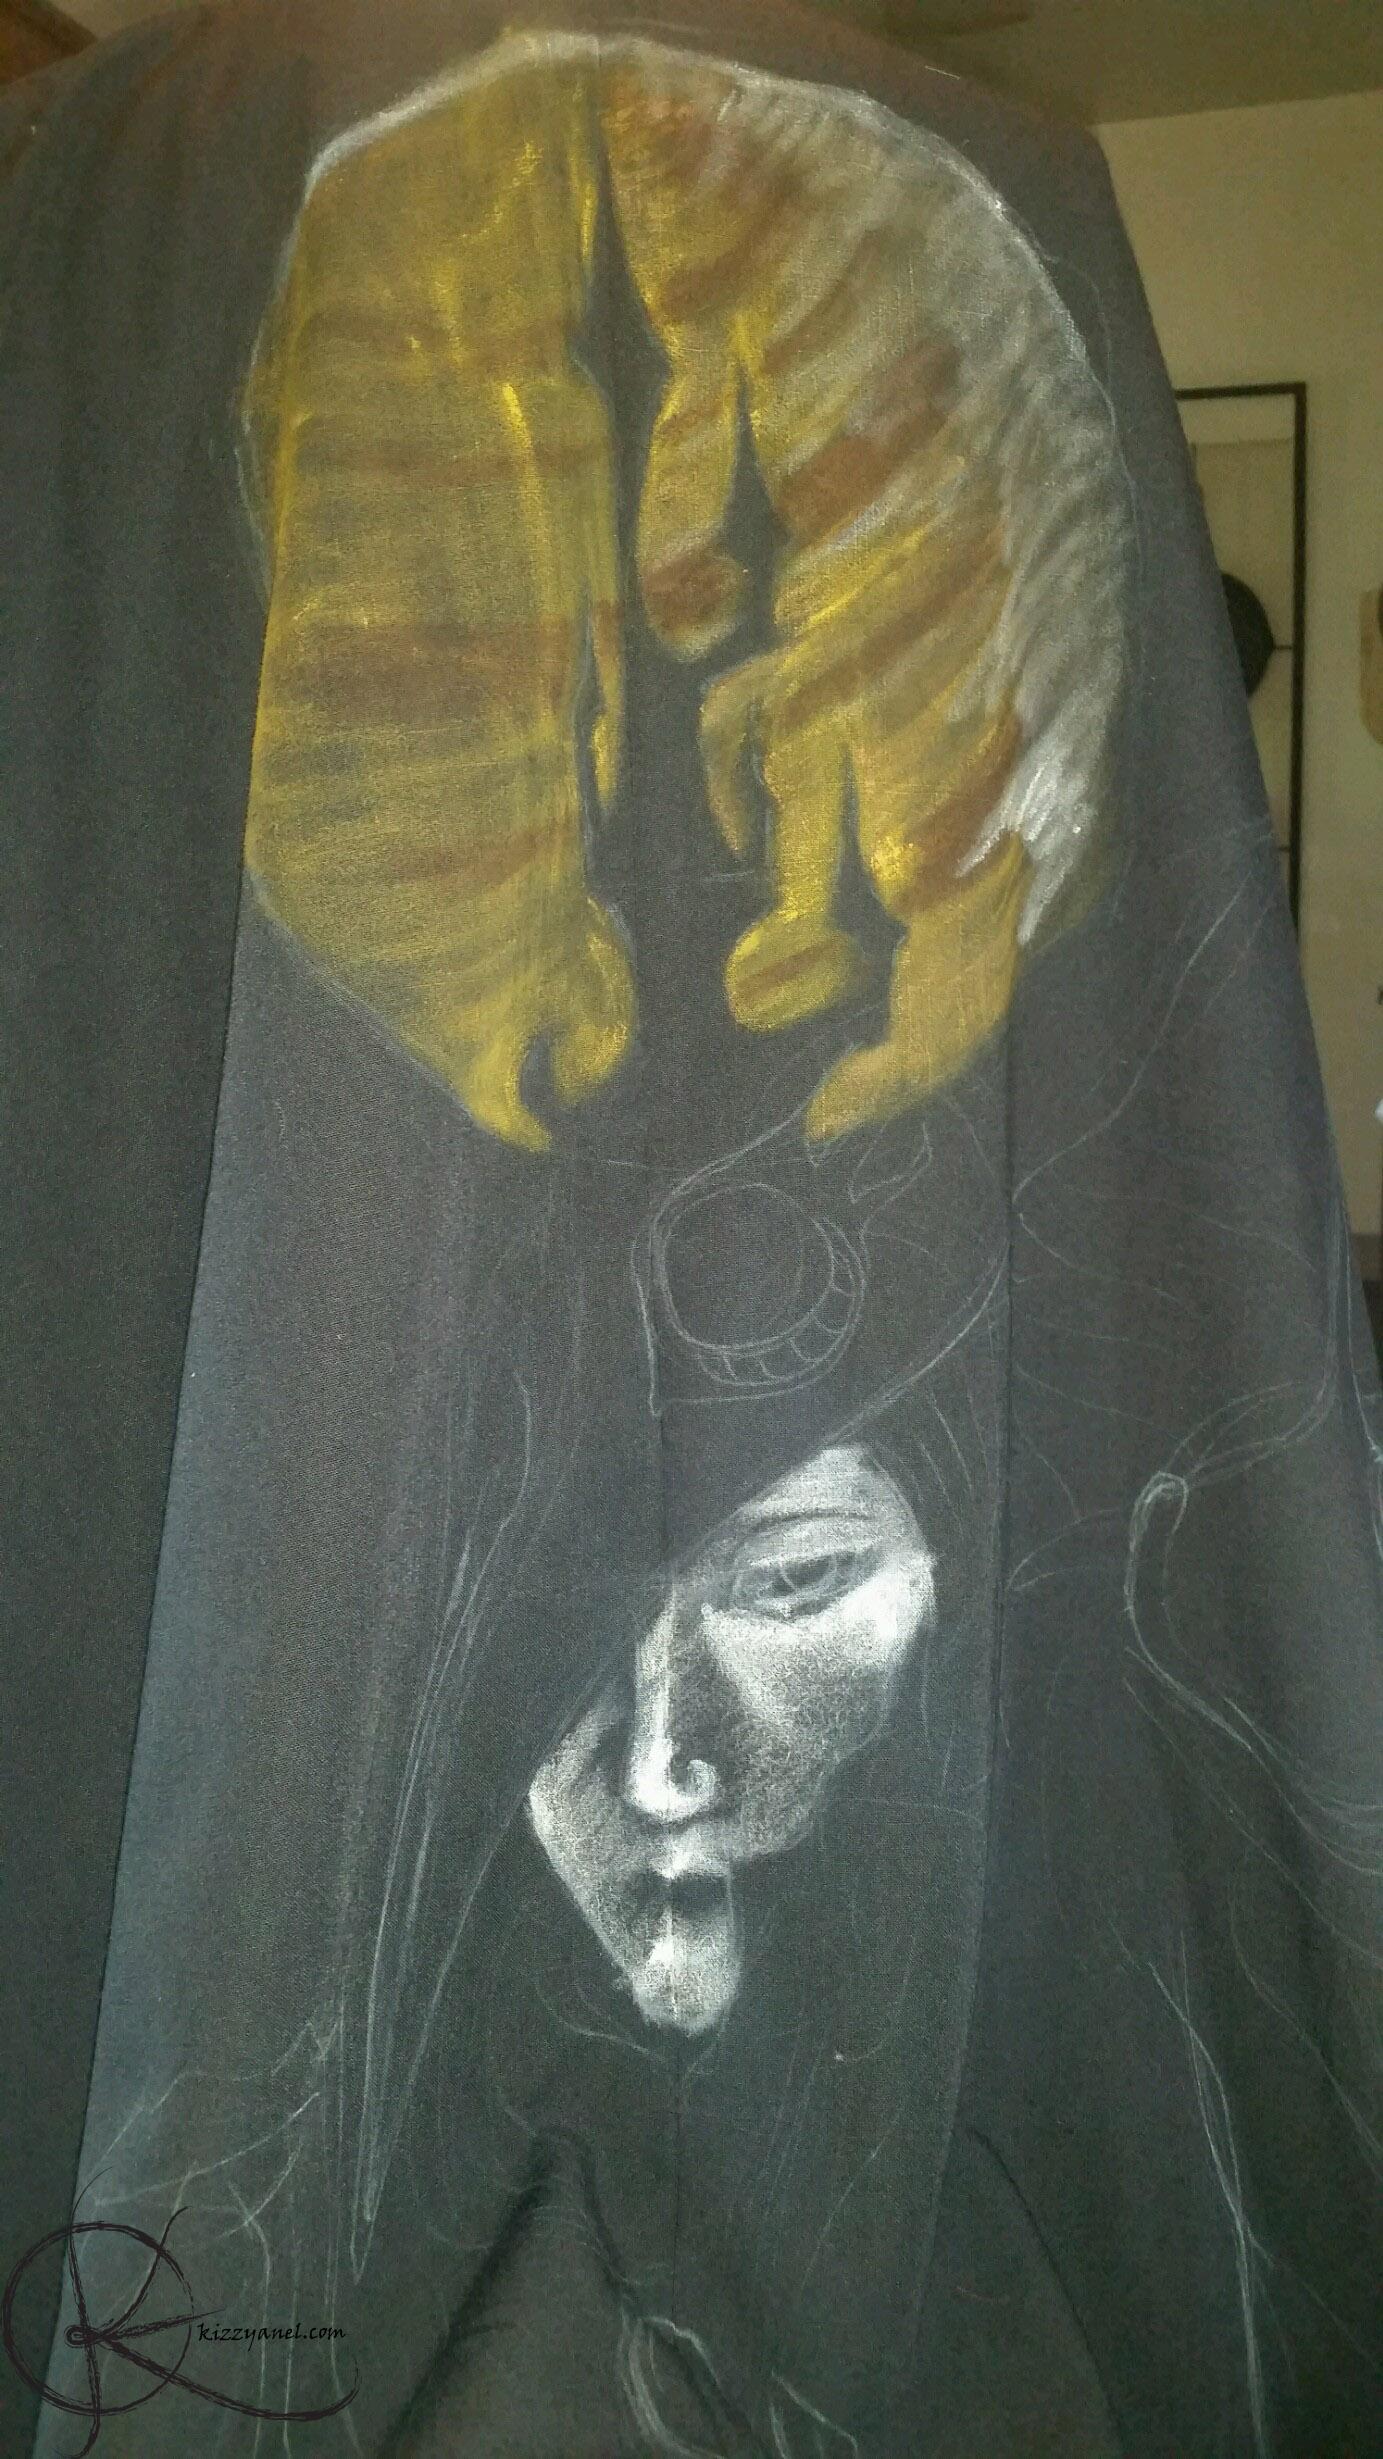 WIP cape paint